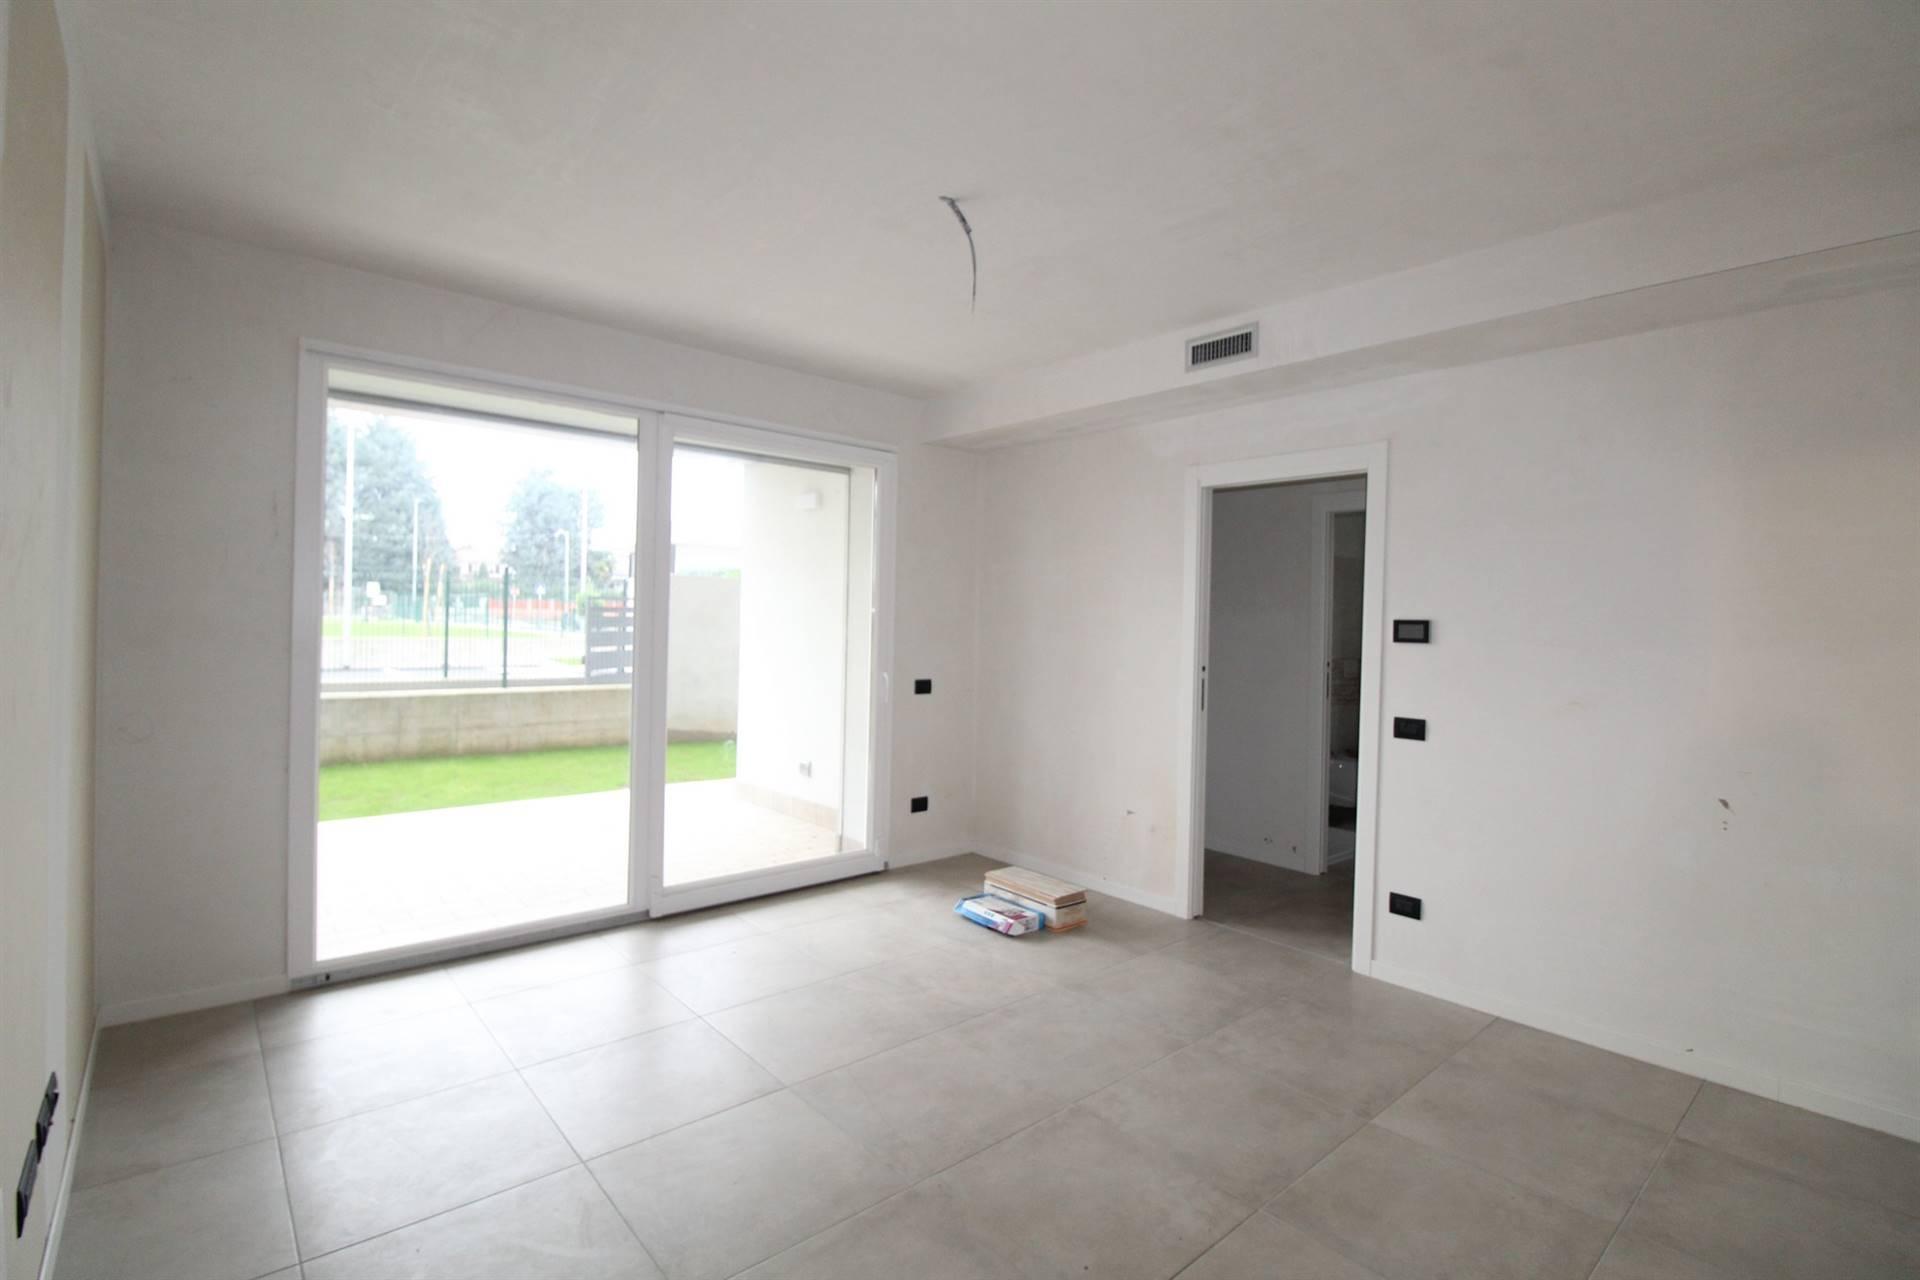 Appartamento in vendita a Ceriano Laghetto, 3 locali, prezzo € 195.000 | CambioCasa.it